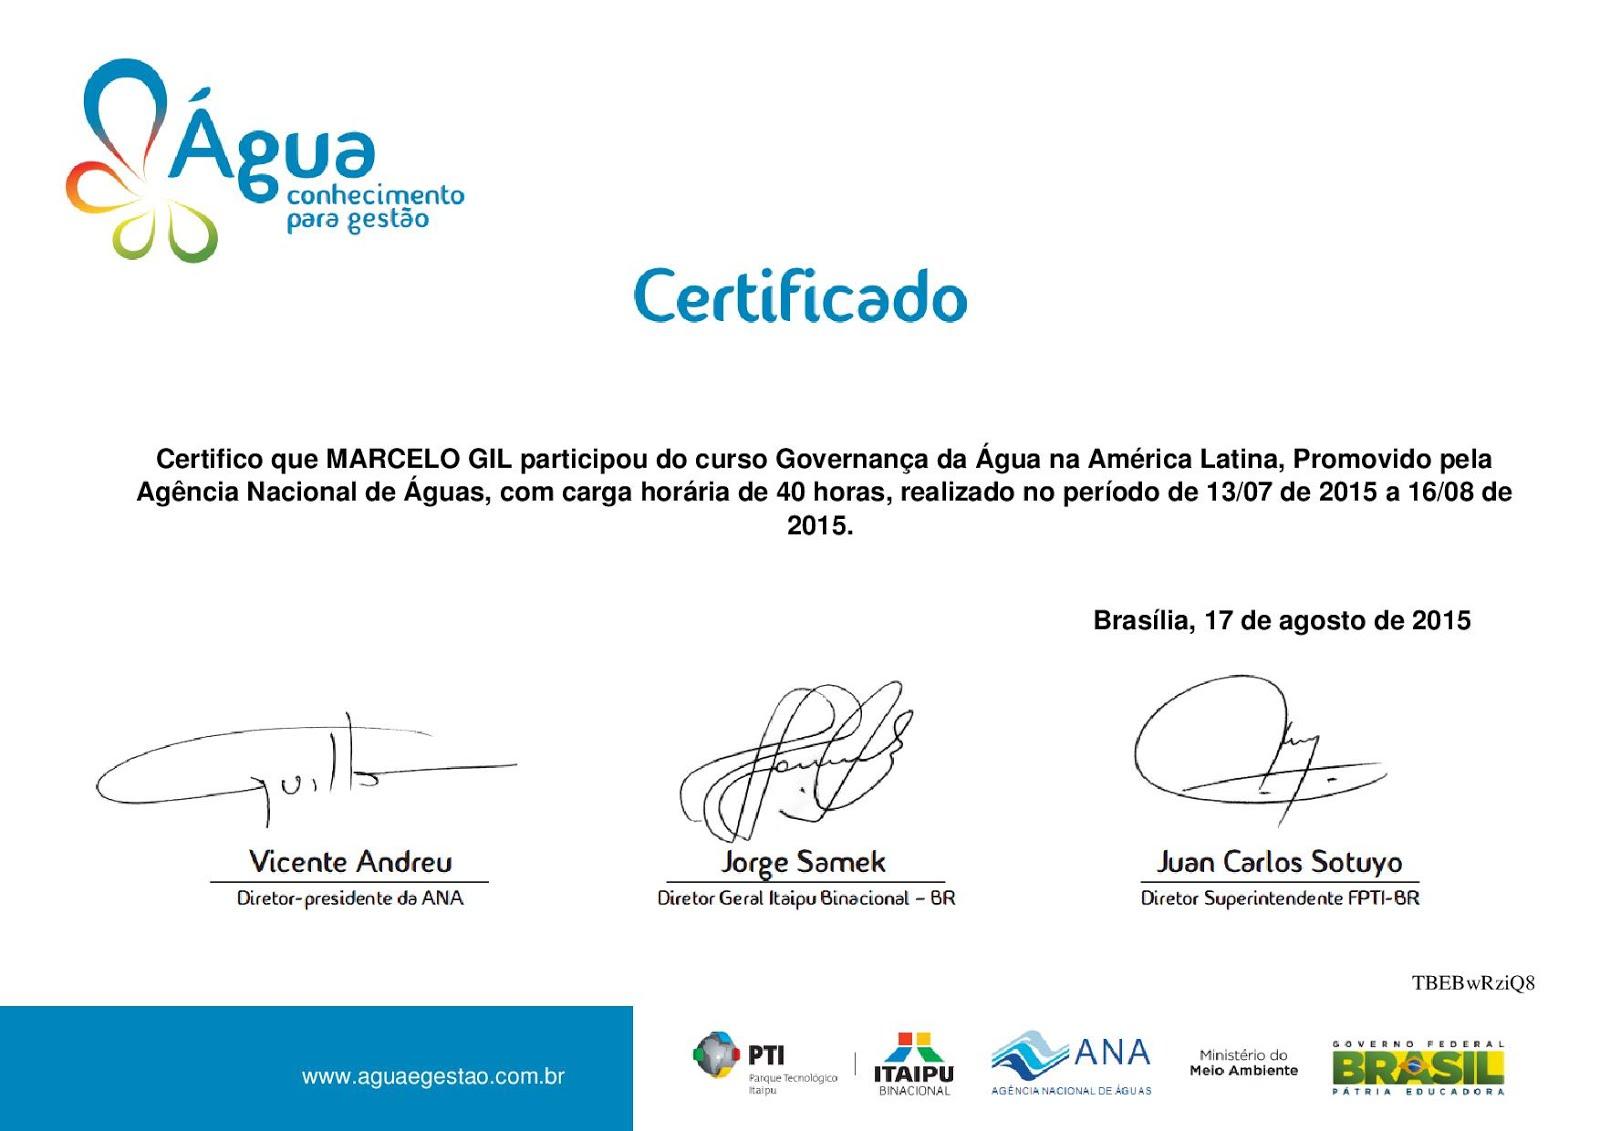 CERTIFICADO DA AGÊNCIA NACIONAL DE ÁGUAS - 2015